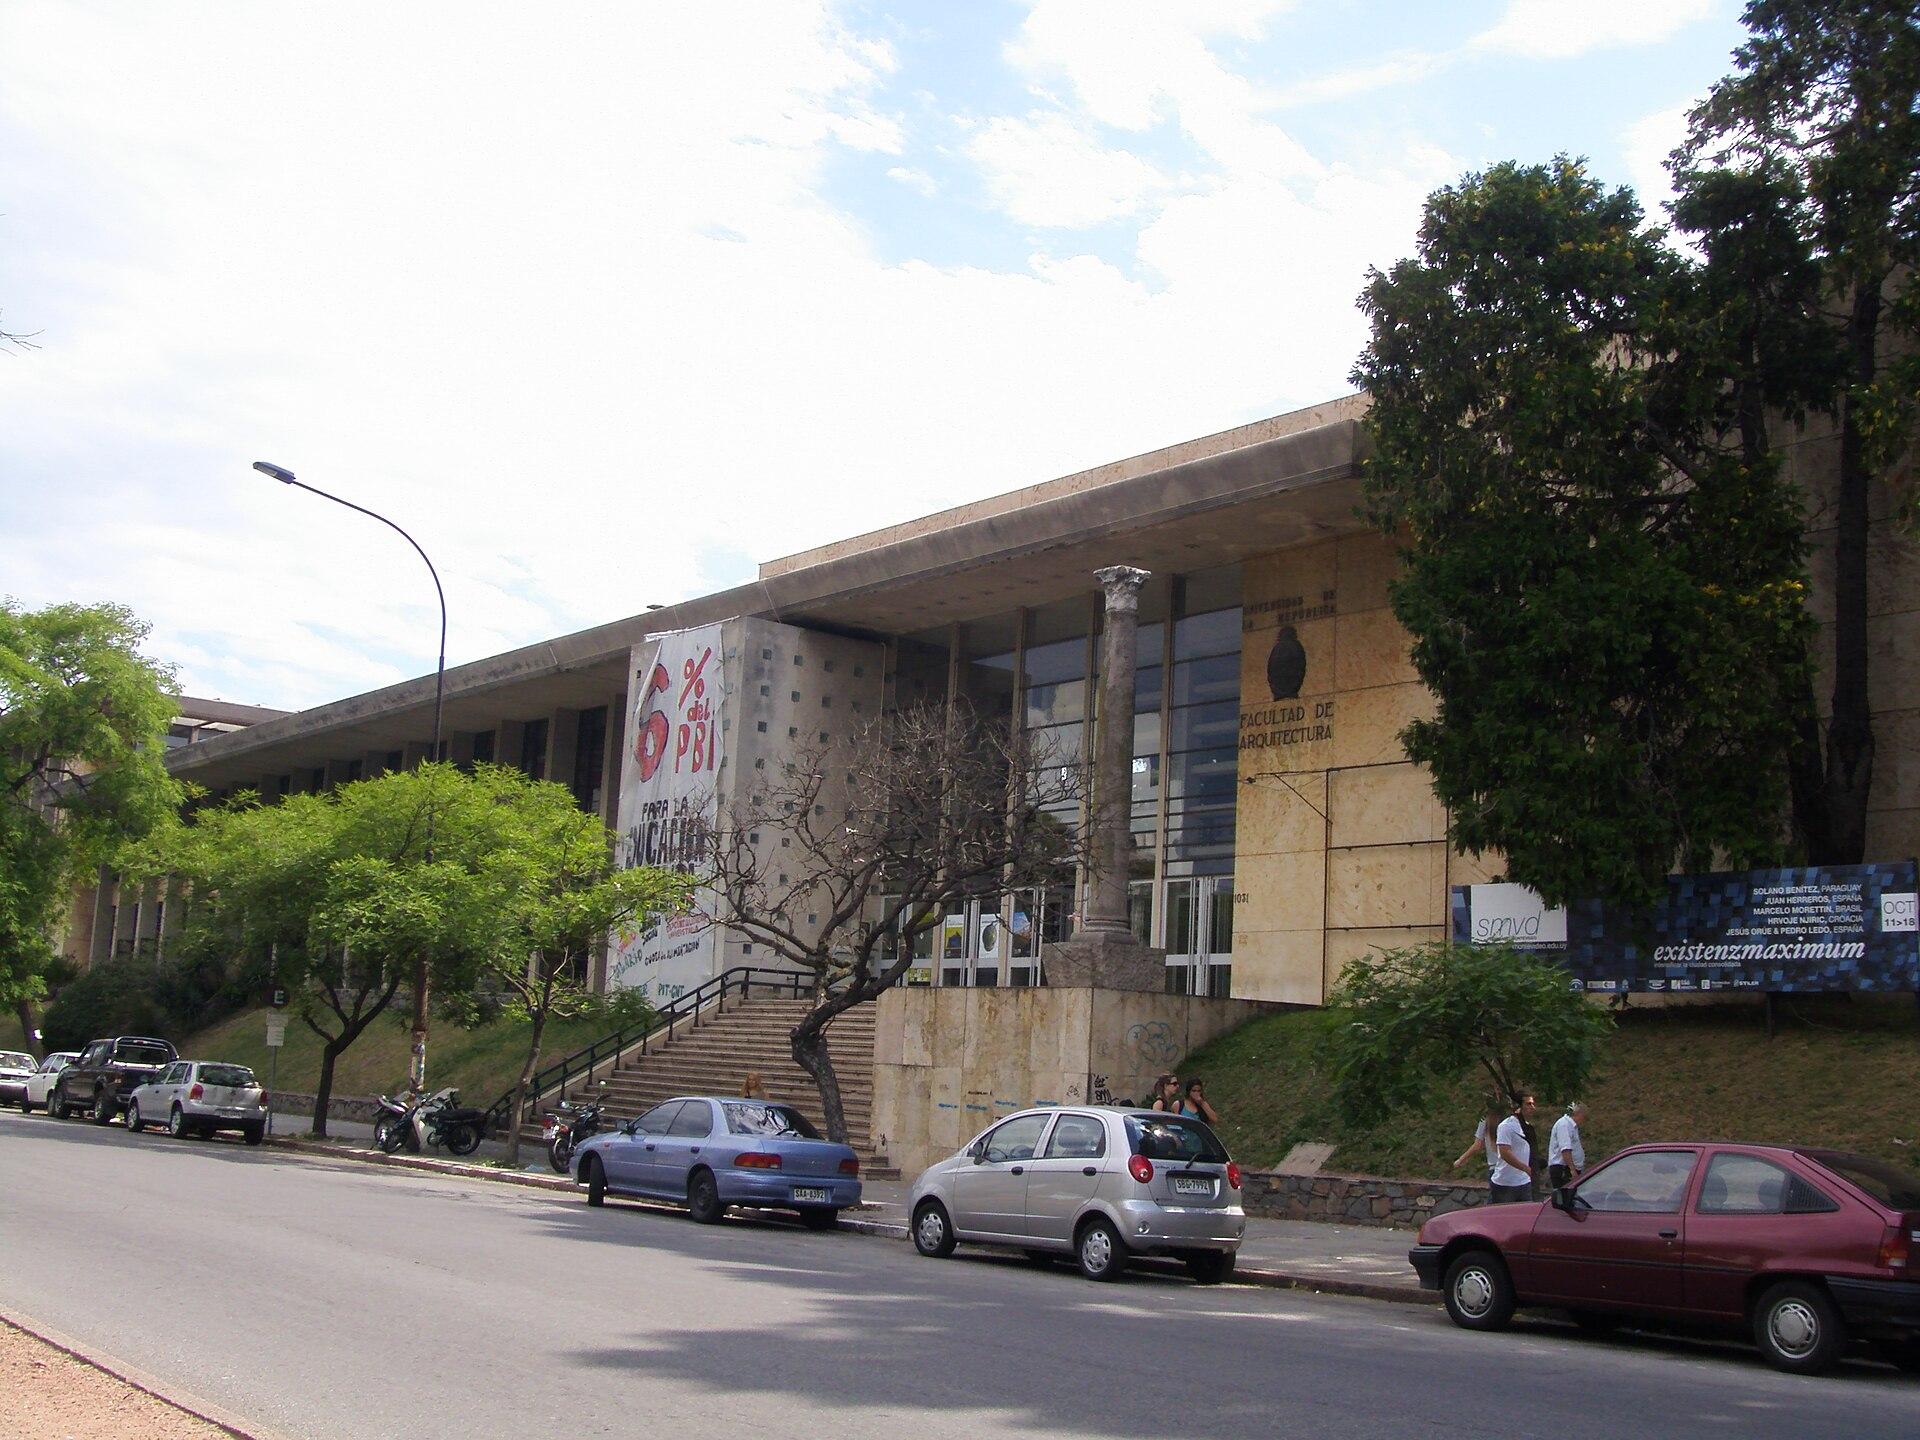 Facultad de arquitectura universidad de la rep blica for Facultad de arquitectura uni